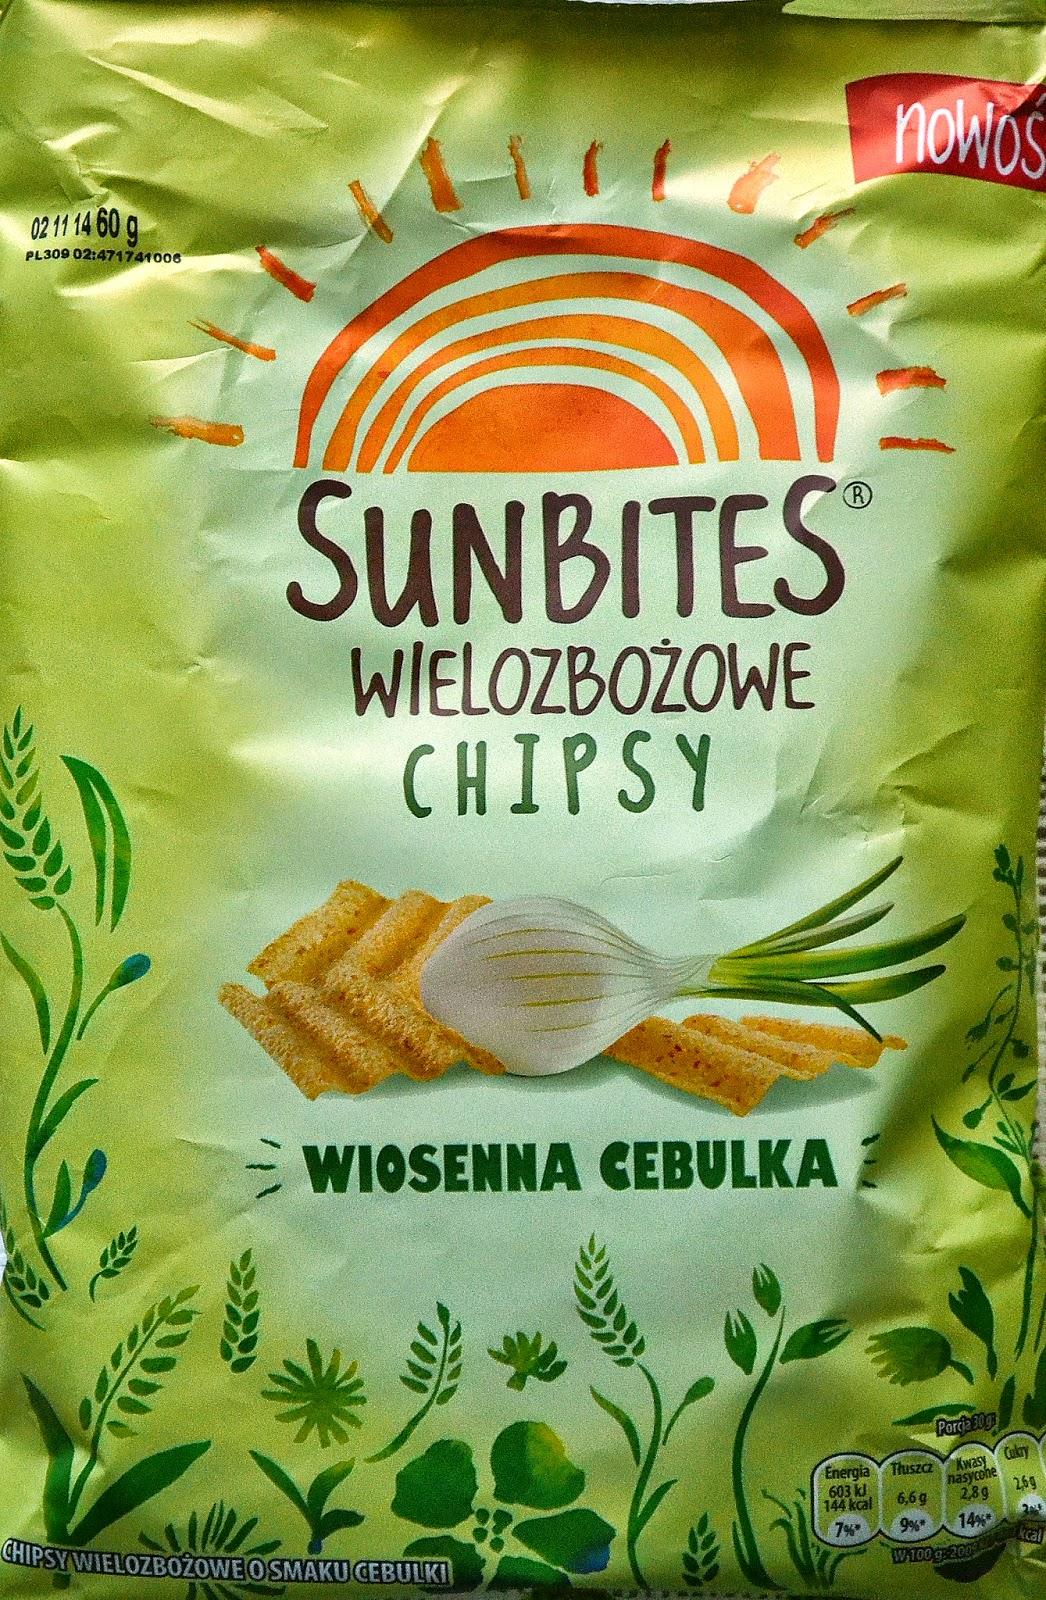 Nowość od Sunbites ! Chipsy wielozbożowe